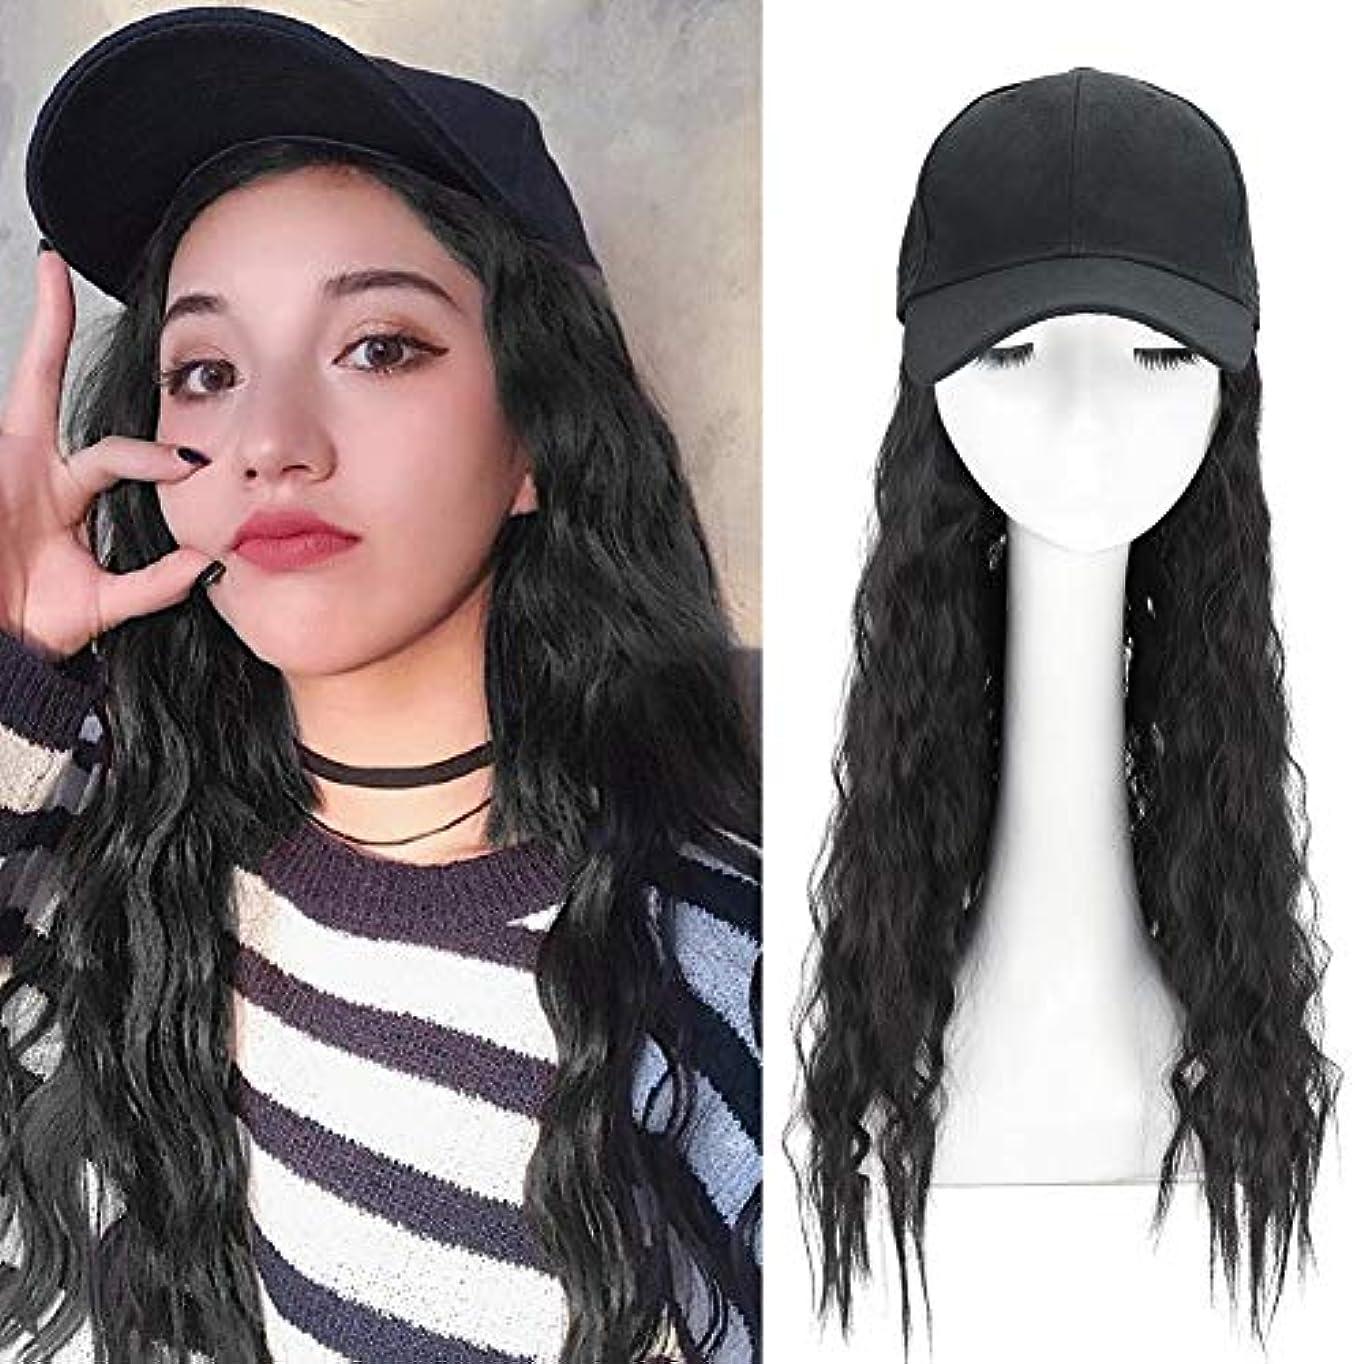 自慢掃除怠けた長い巻き毛を持つ合成長波野球帽合成毛を持つ波状かつらキャップ女の子のための髪を持つ調整可能な野球帽帽子